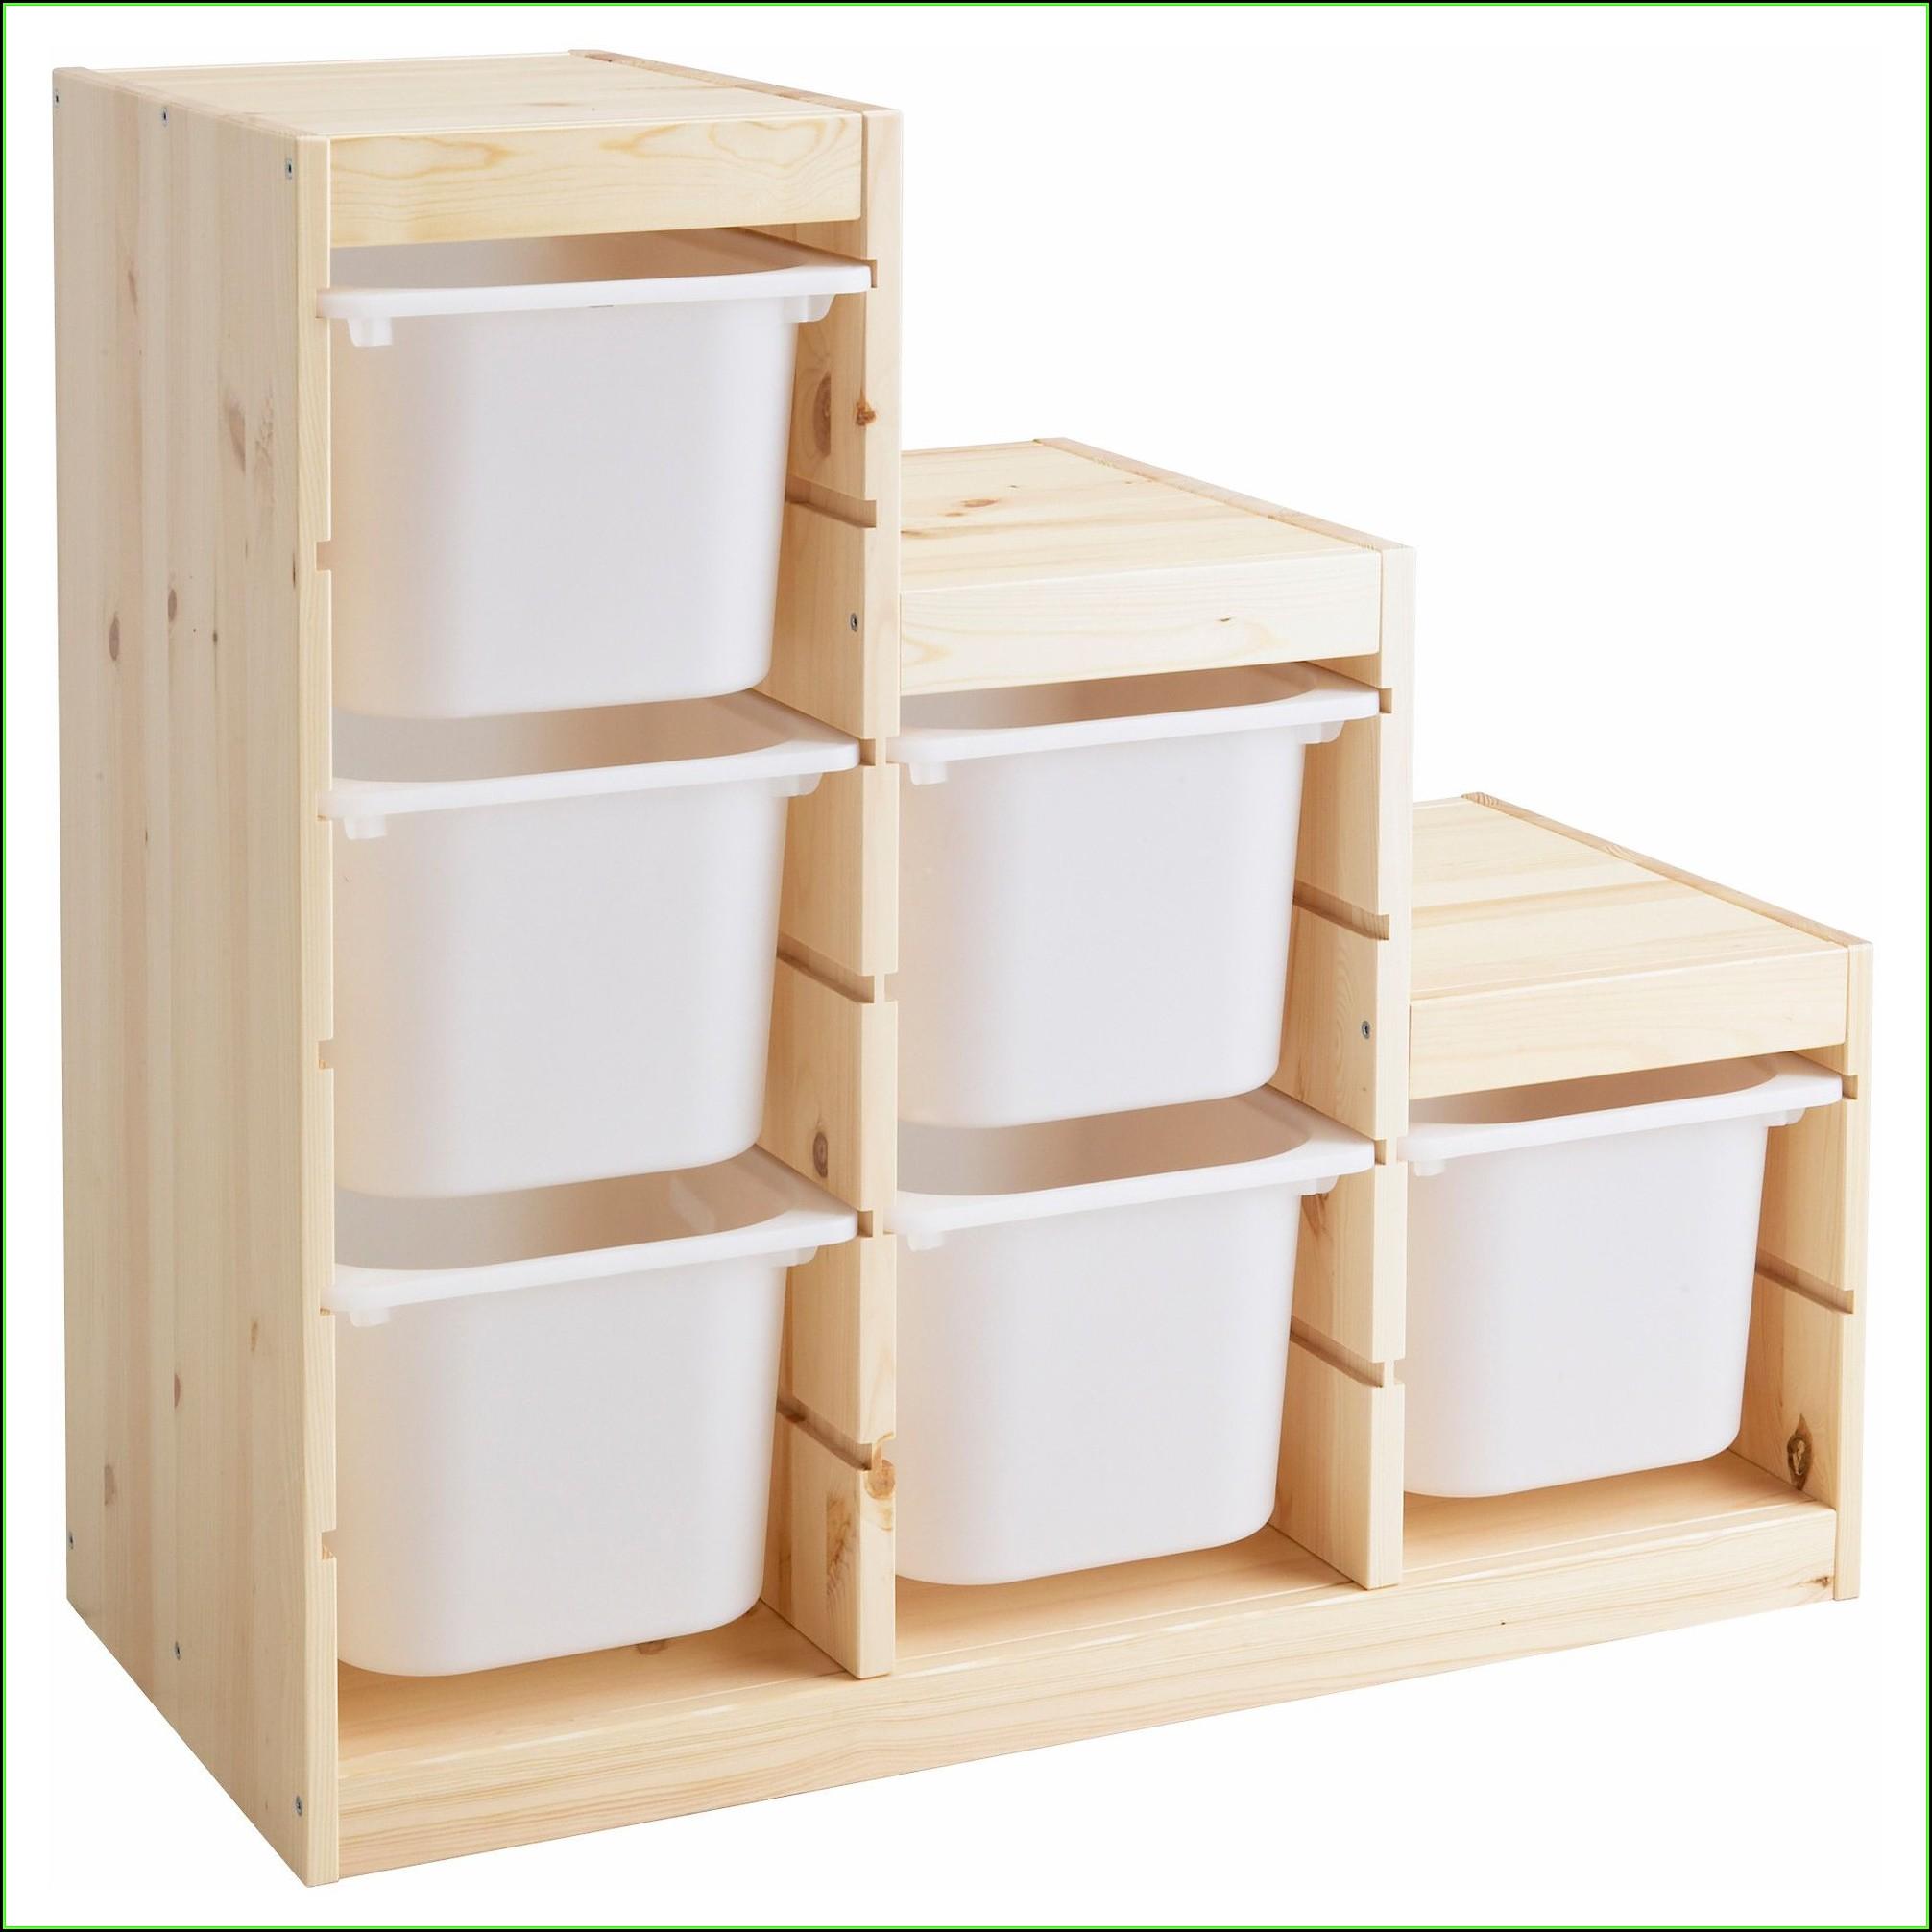 Spielzeug Aufbewahrung Kinderzimmer Ikea